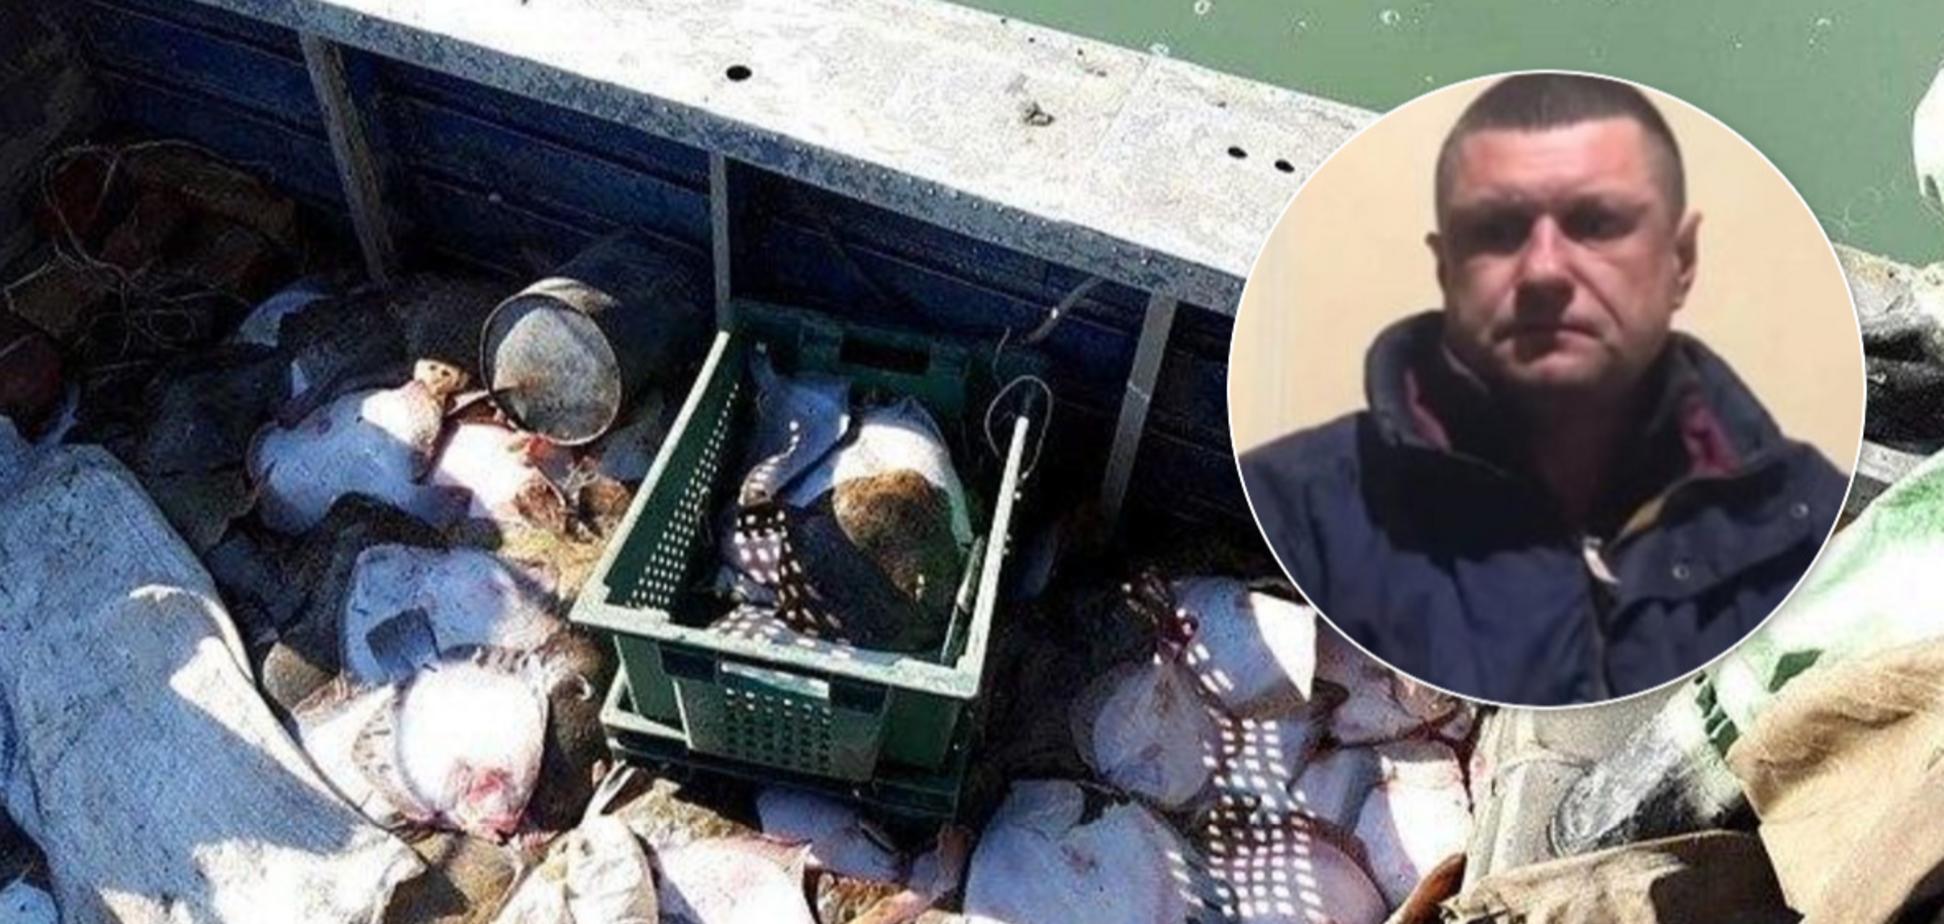 Оккупанты арестовали в Крыму украинских рыбаков: названы имена